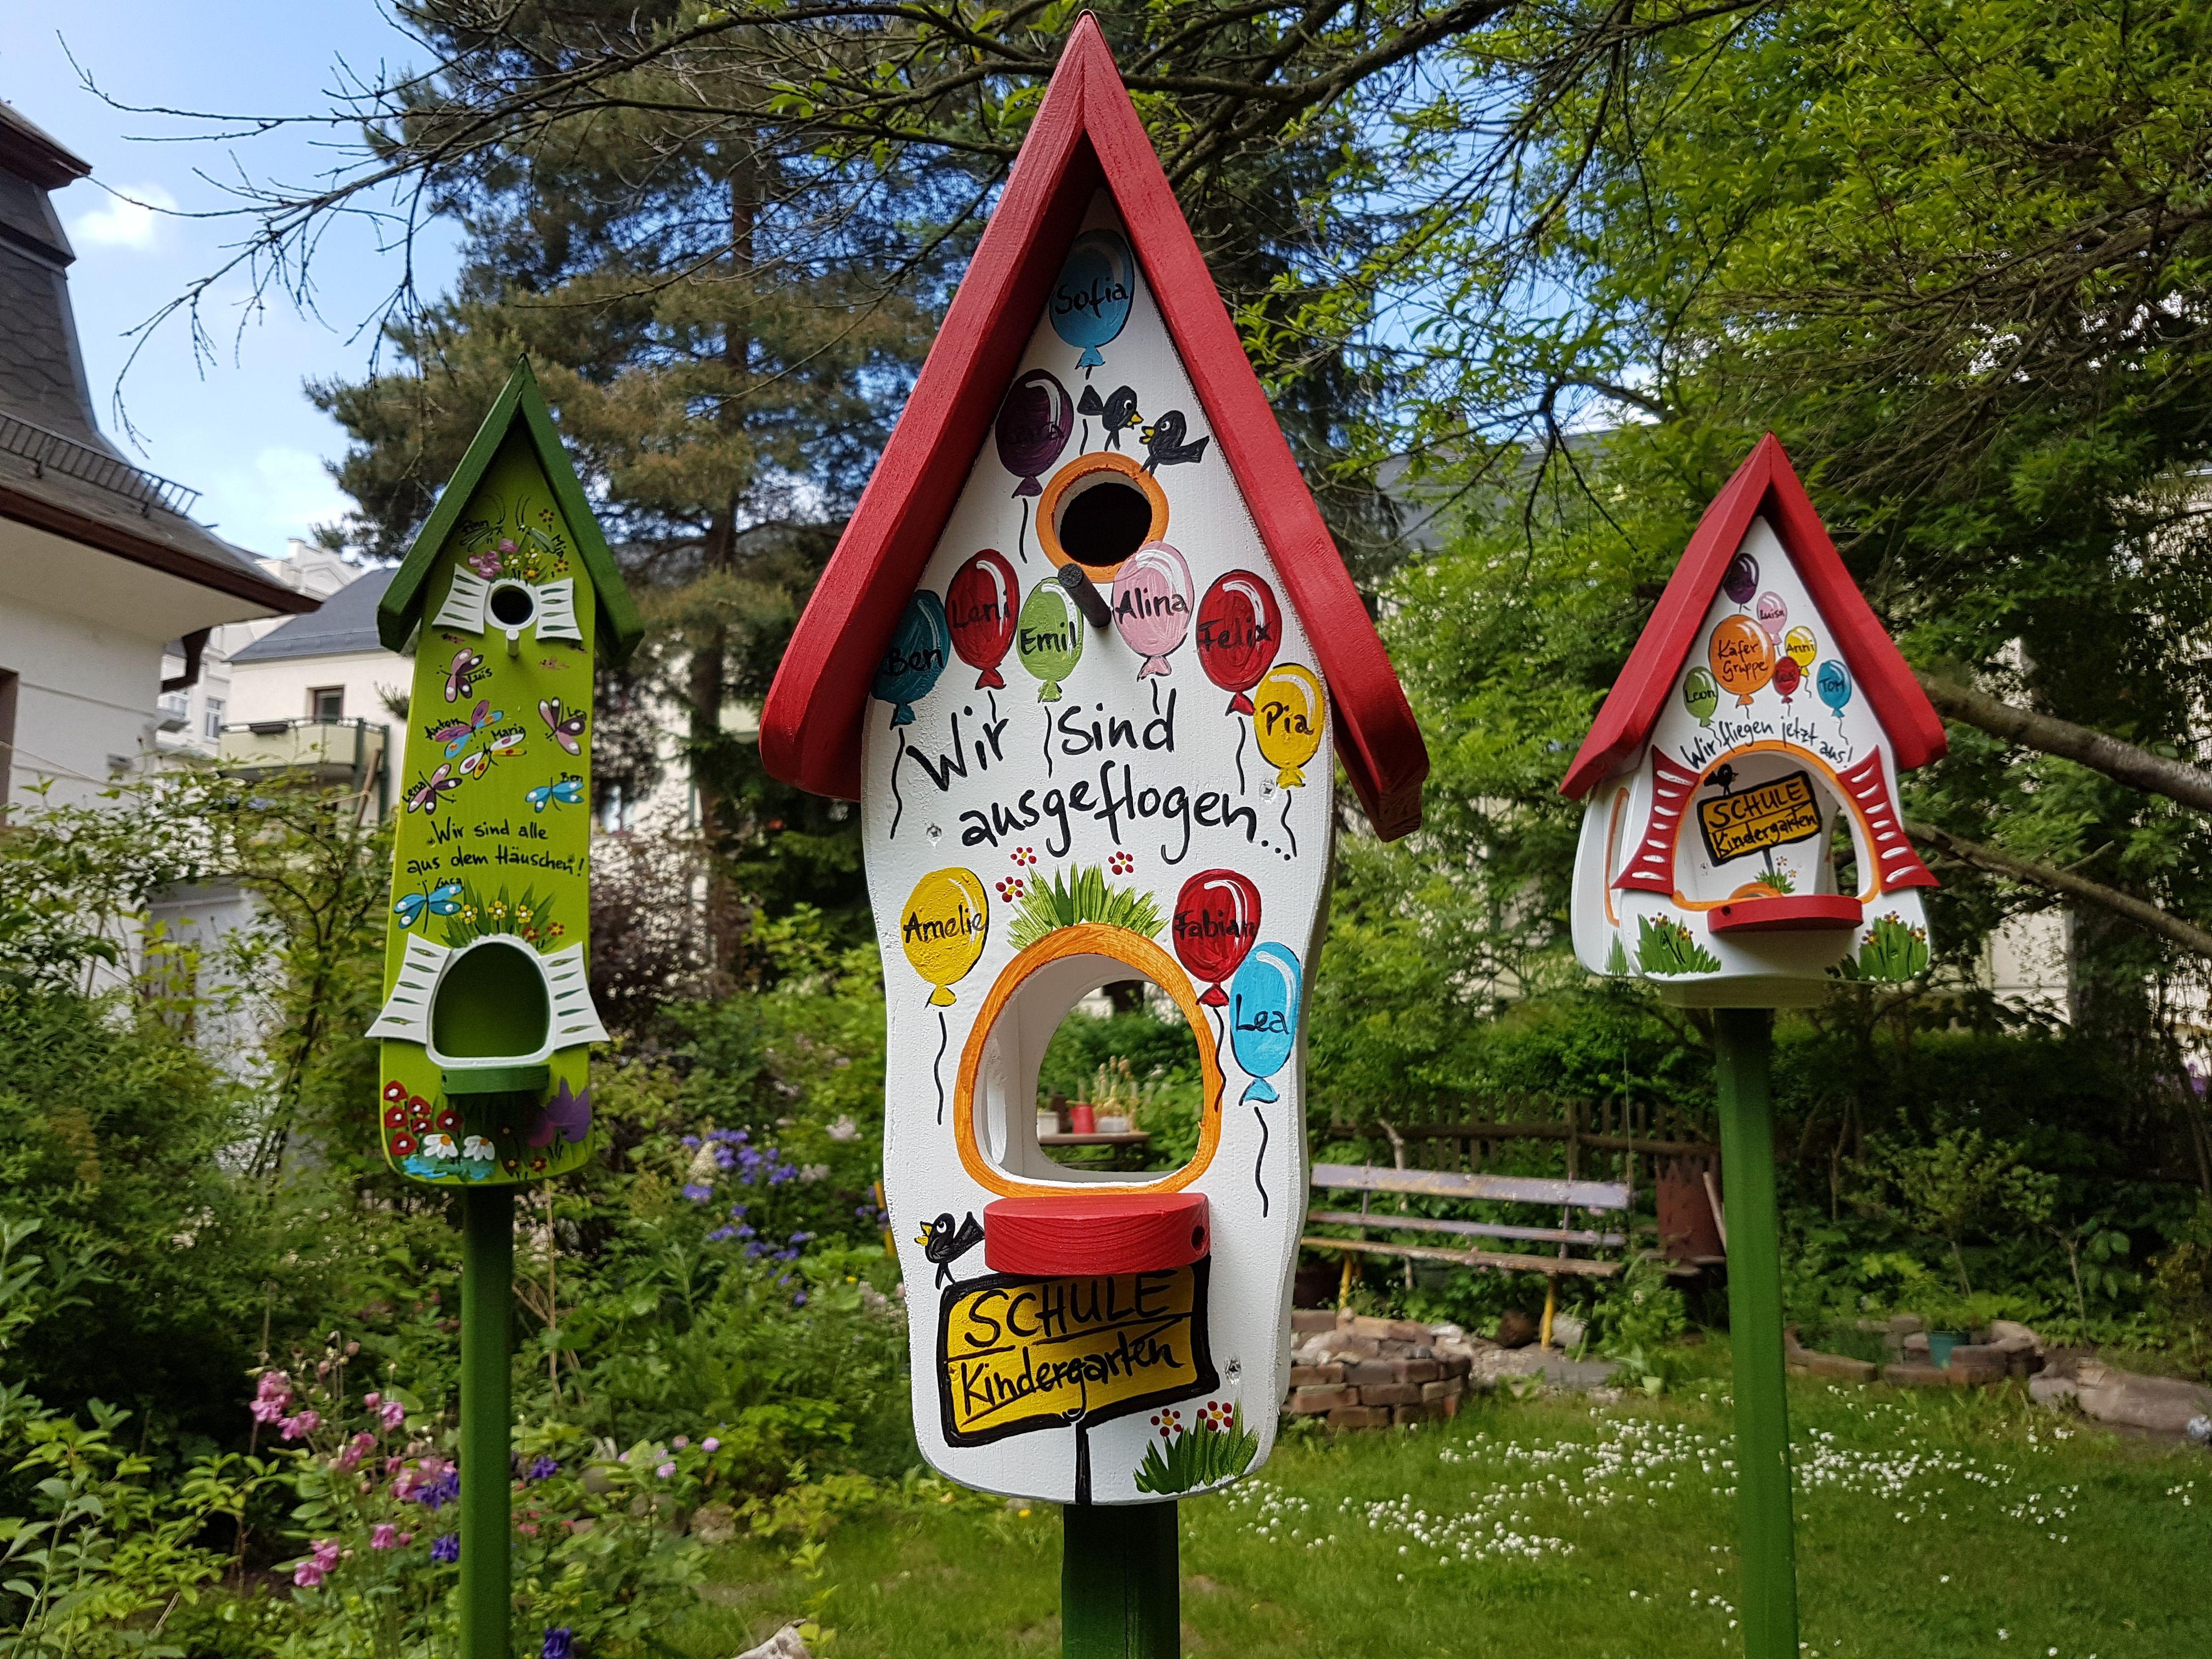 Kindergarten Abschiedsgeschenk | personalisiert mit Namen der Kinder und Sprüchen | wetterfest